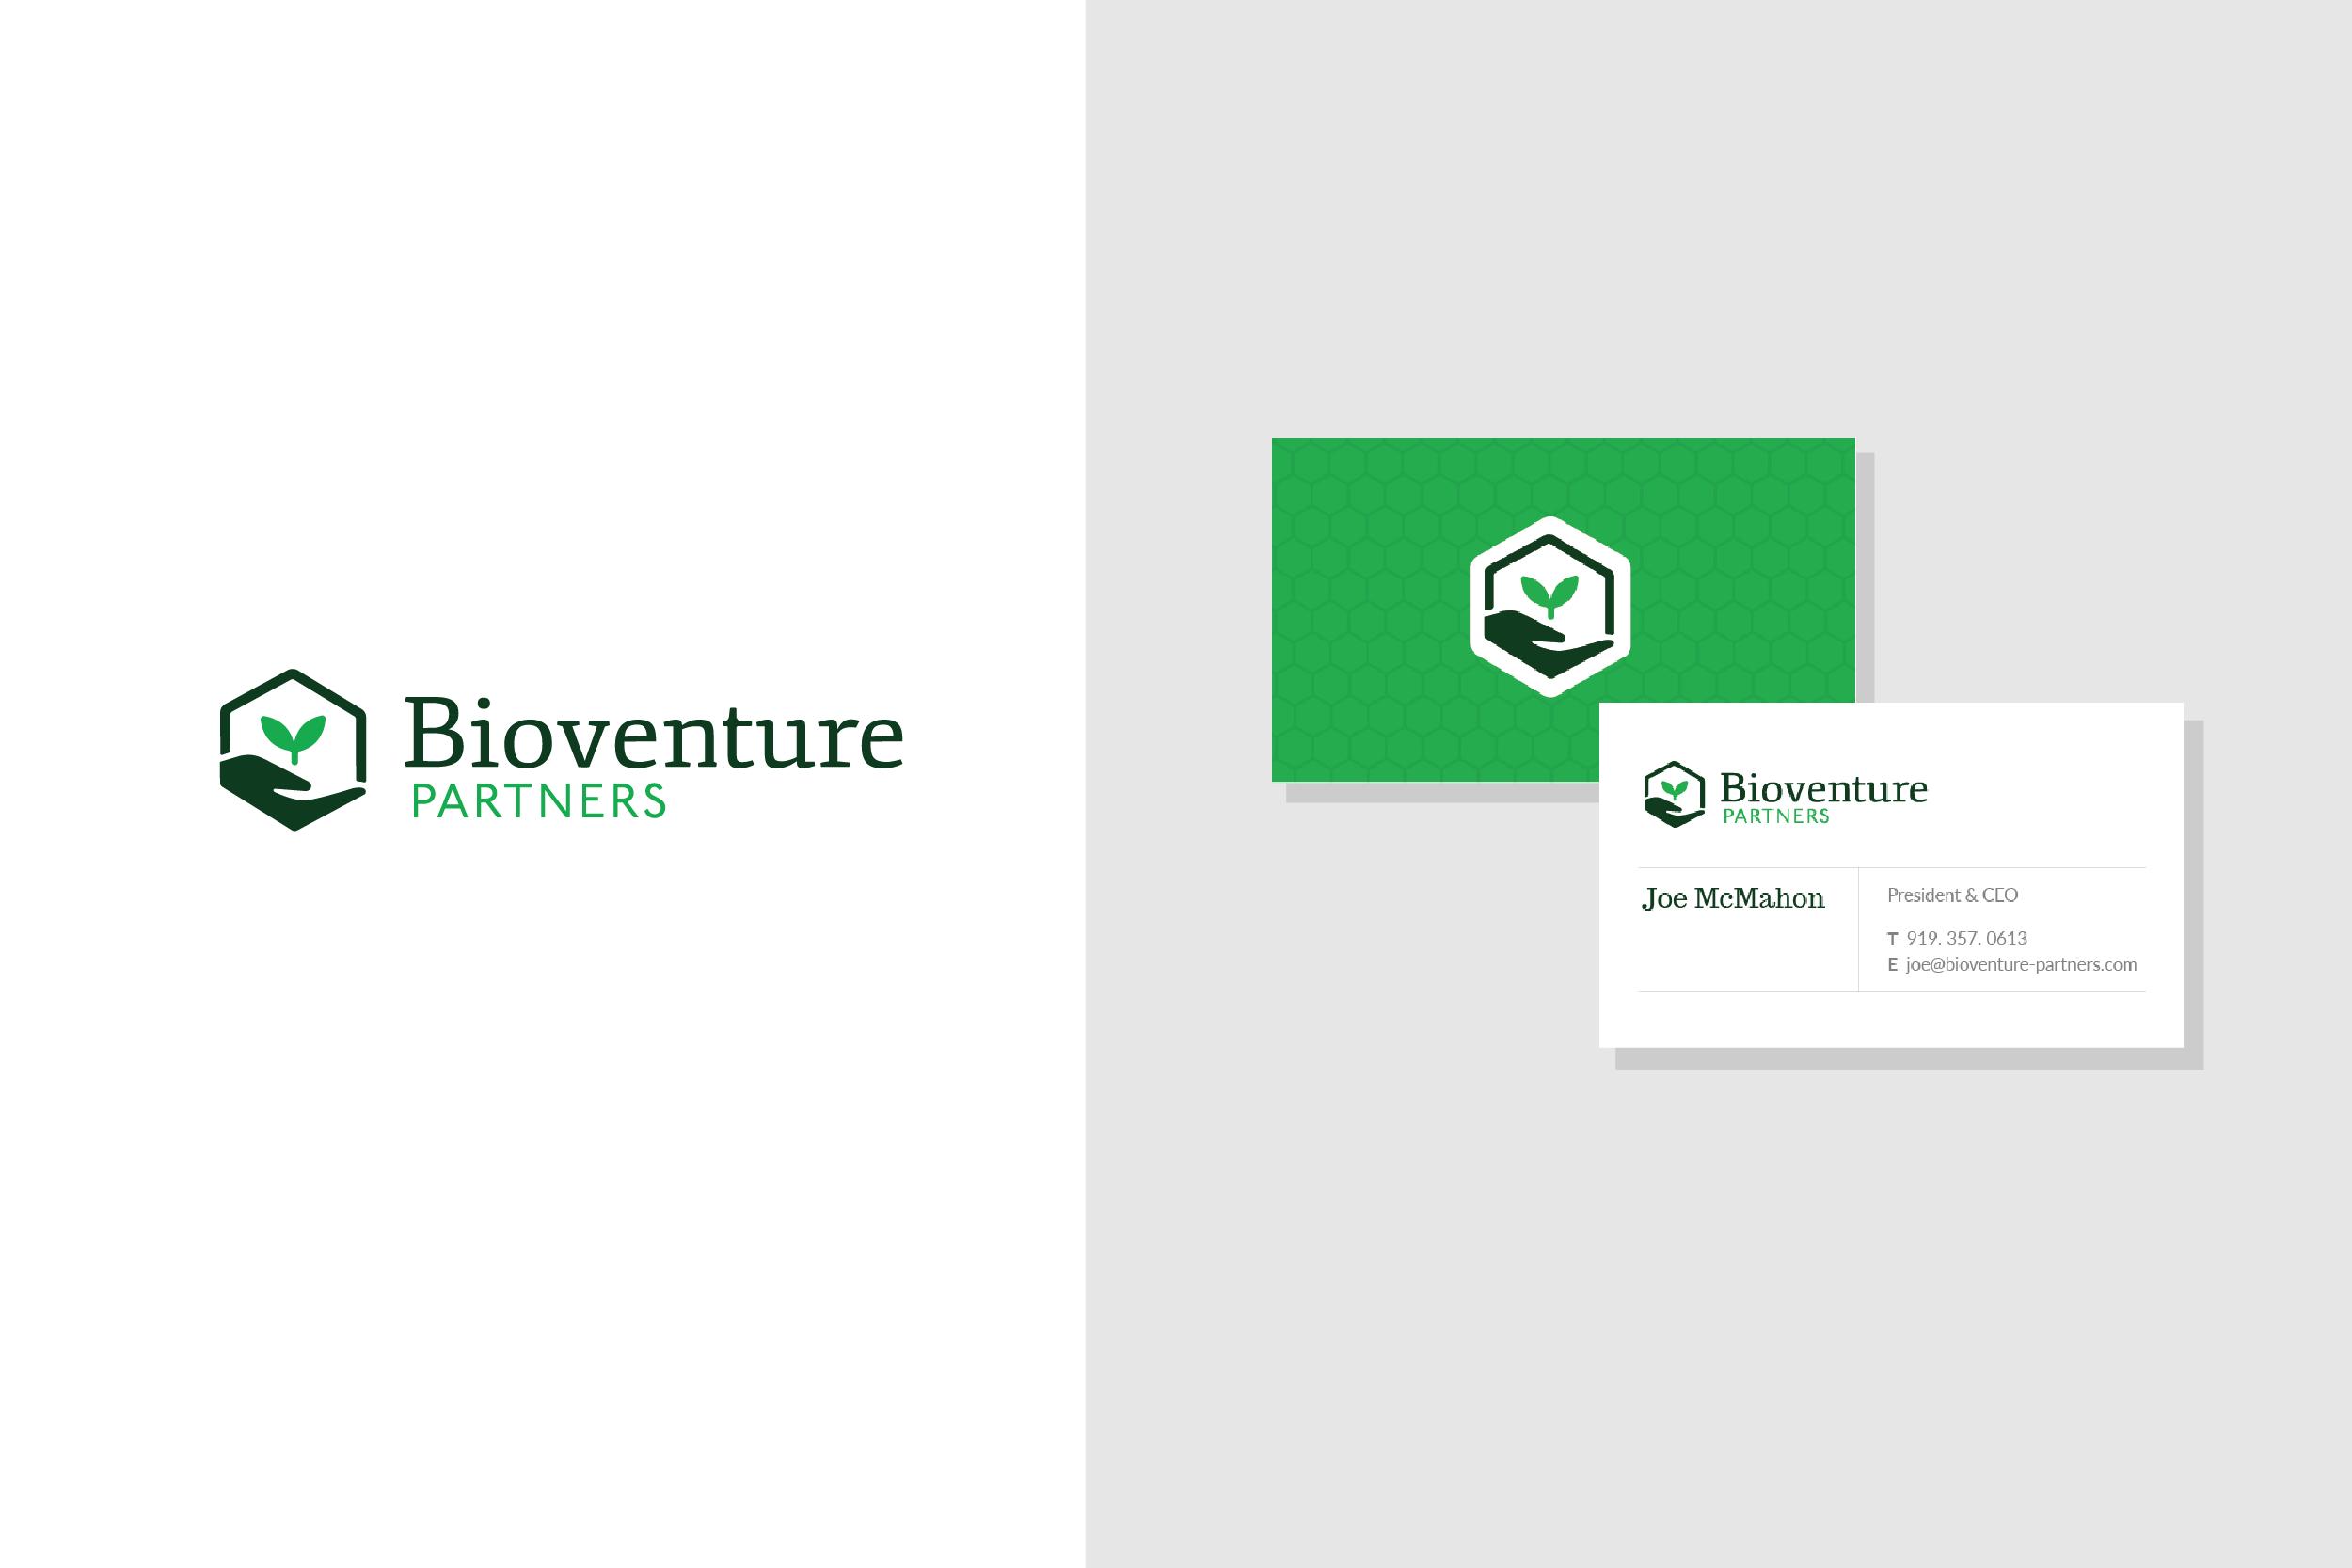 bioventure-logo-v2-01.png